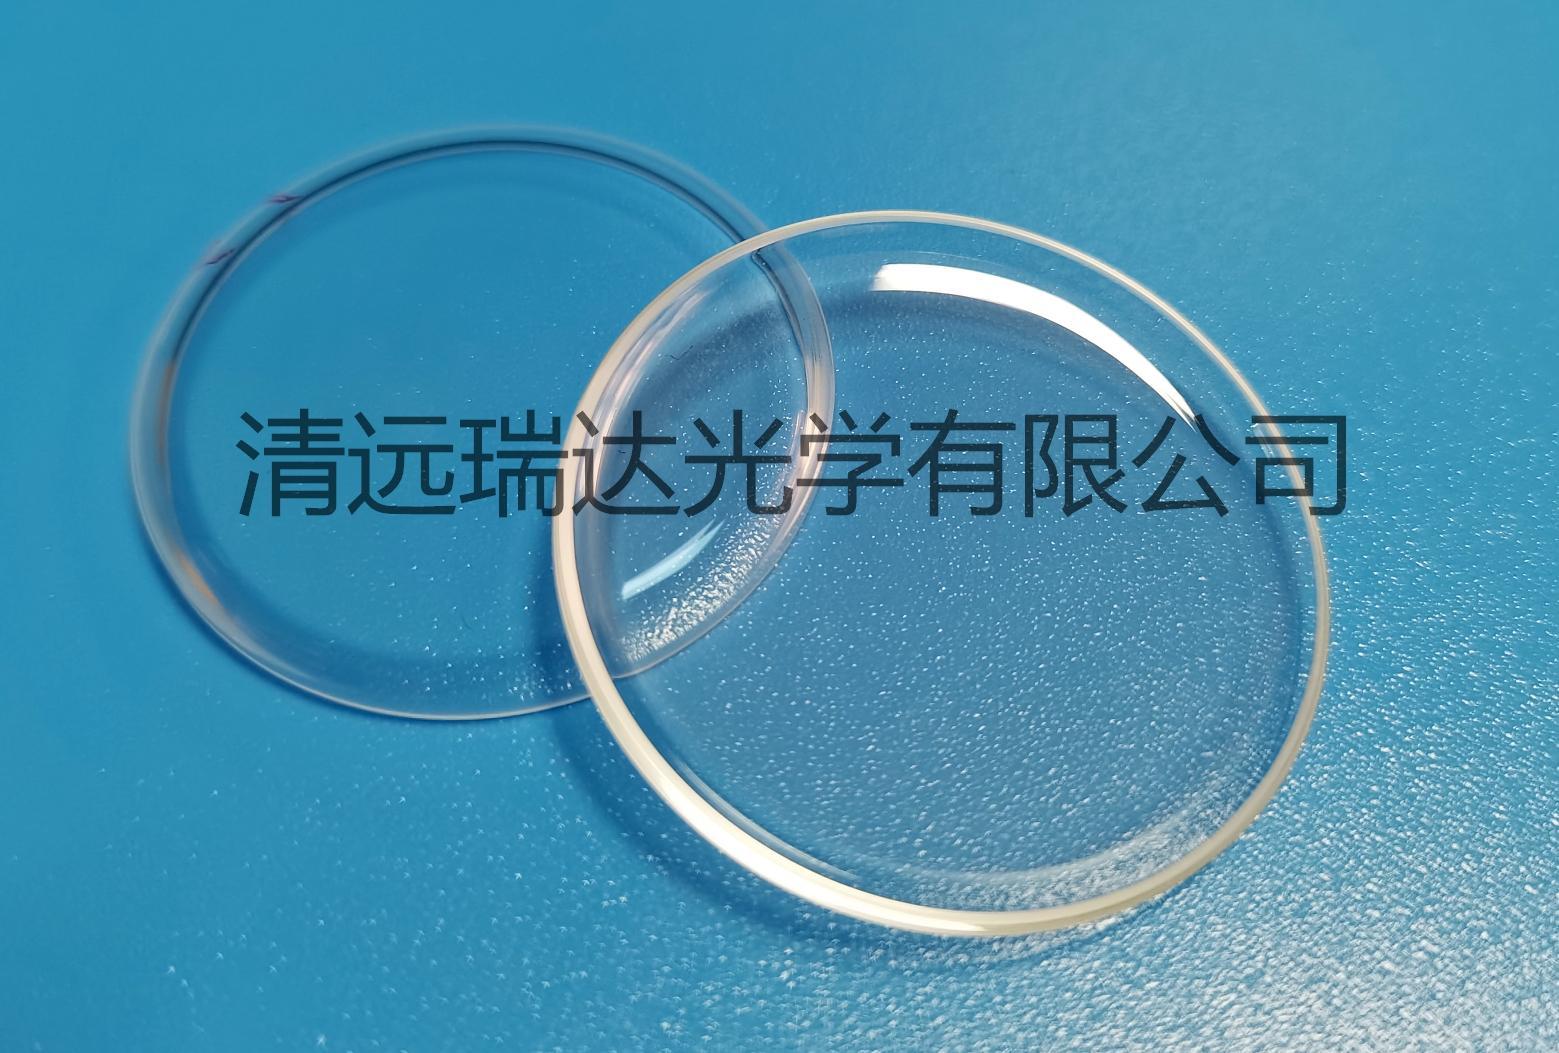 仪器仪表镜片(玻璃盖) 1